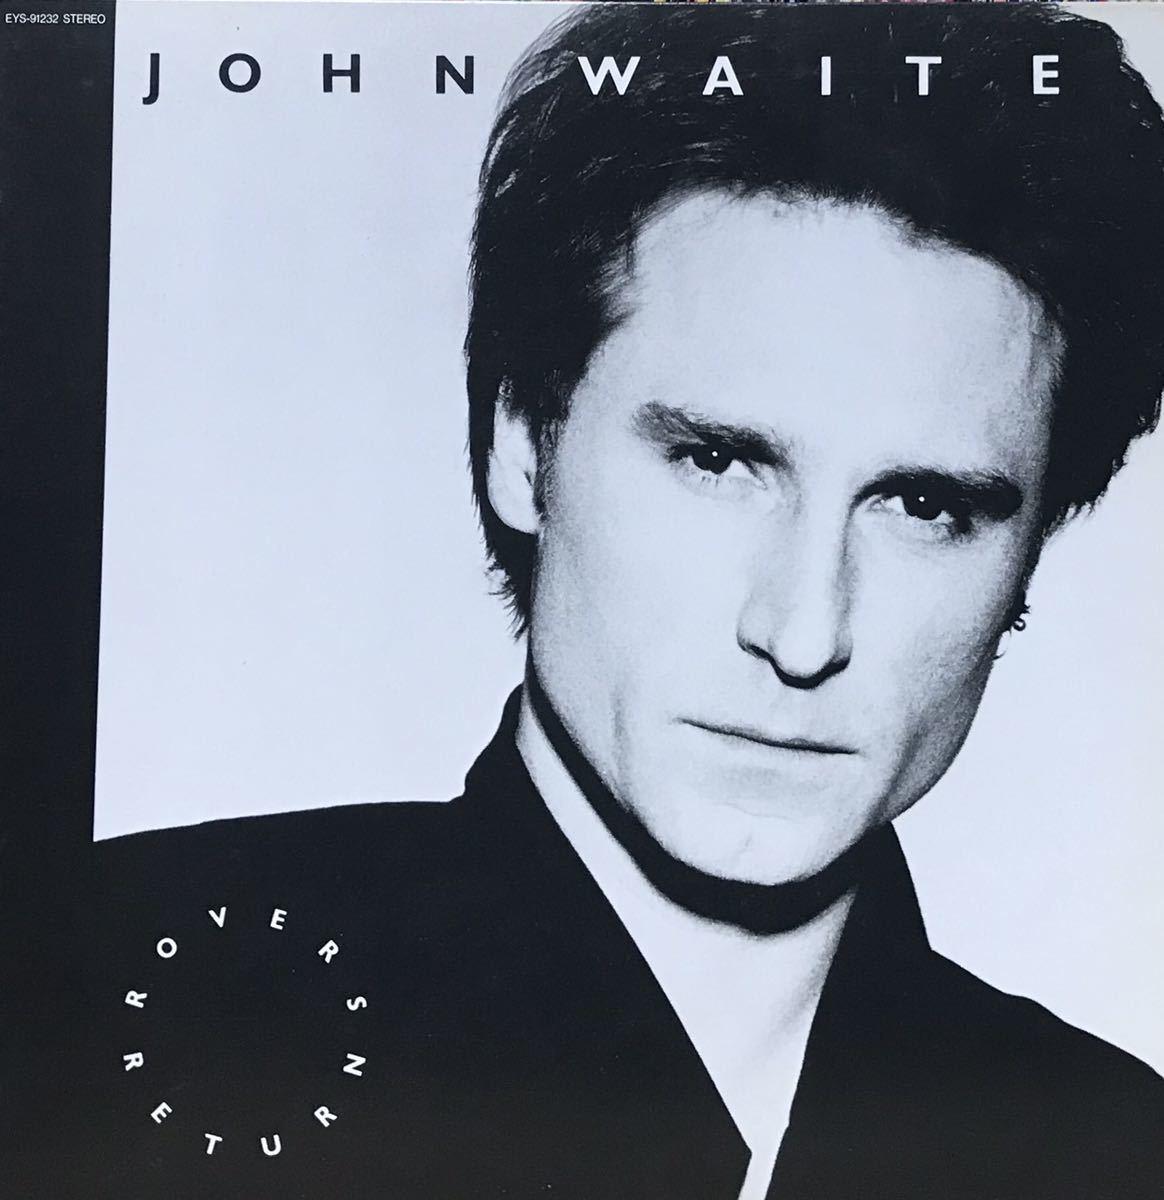 見本盤 JOHN WAITE / ROVER'S RETURN アルバム 12inchサイズのレコード その他にもプロモーション盤 レア盤 人気レコード 多数出品中_画像1